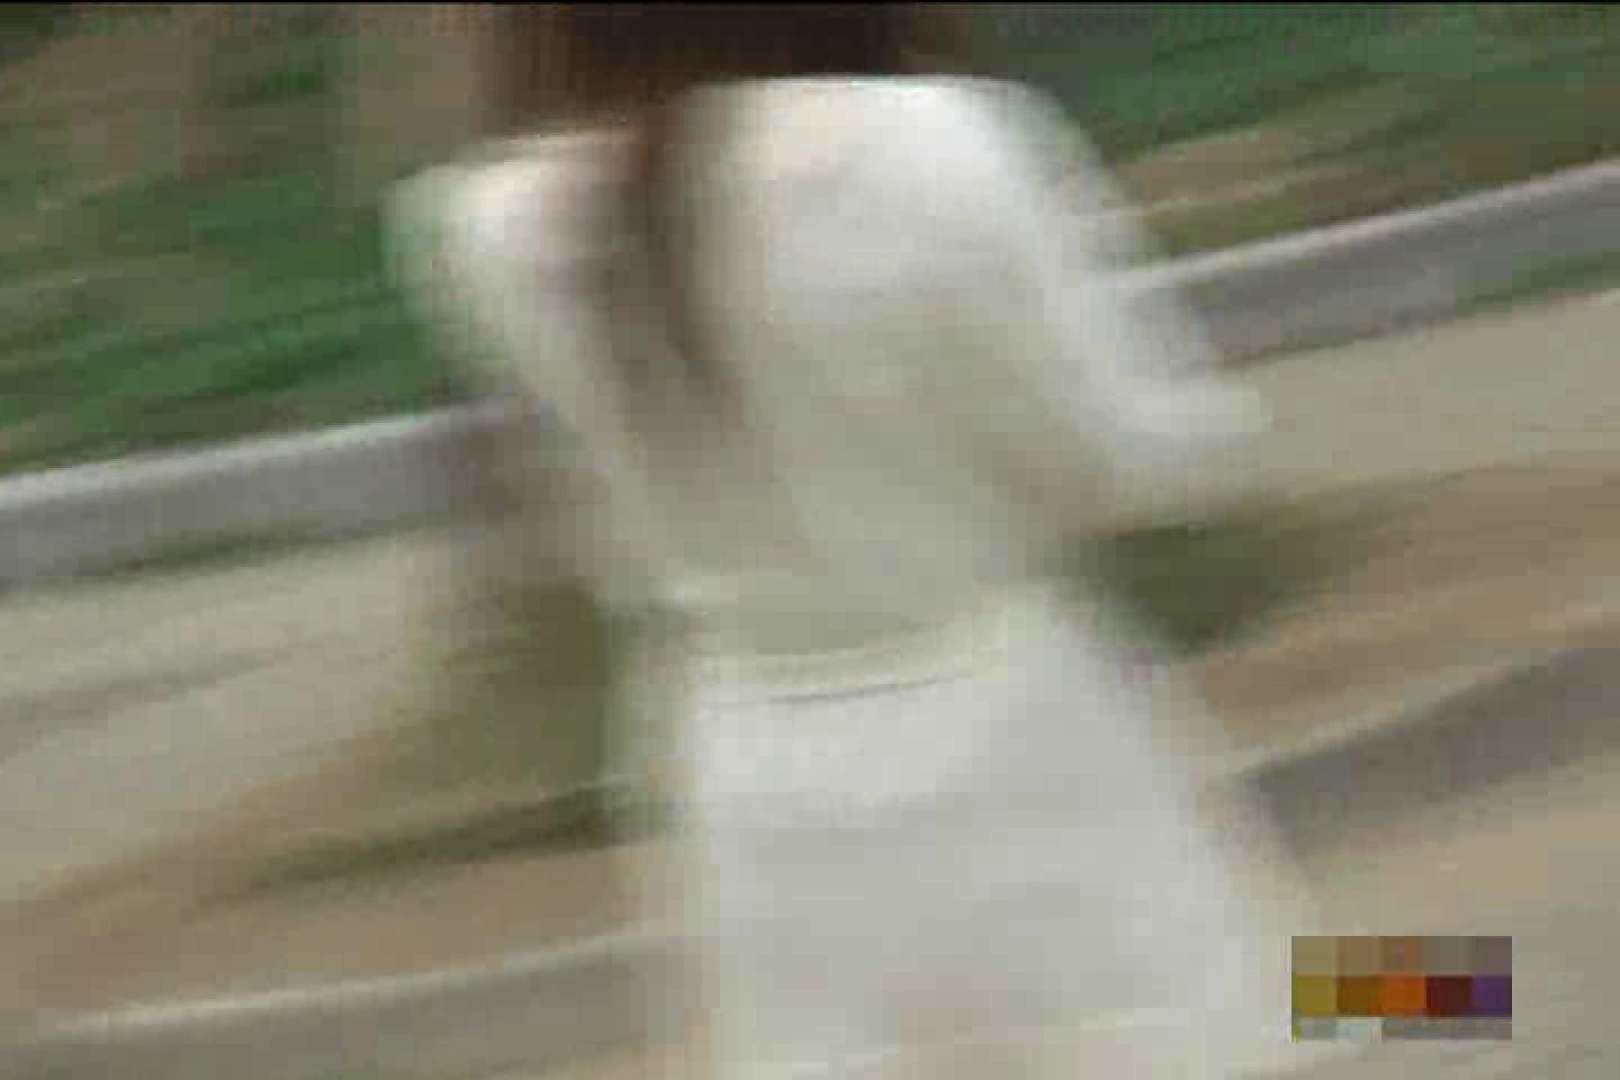 大胆露出胸チラギャル大量発生中!!Vol.4 乳首 盗み撮り動画キャプチャ 46pic 18